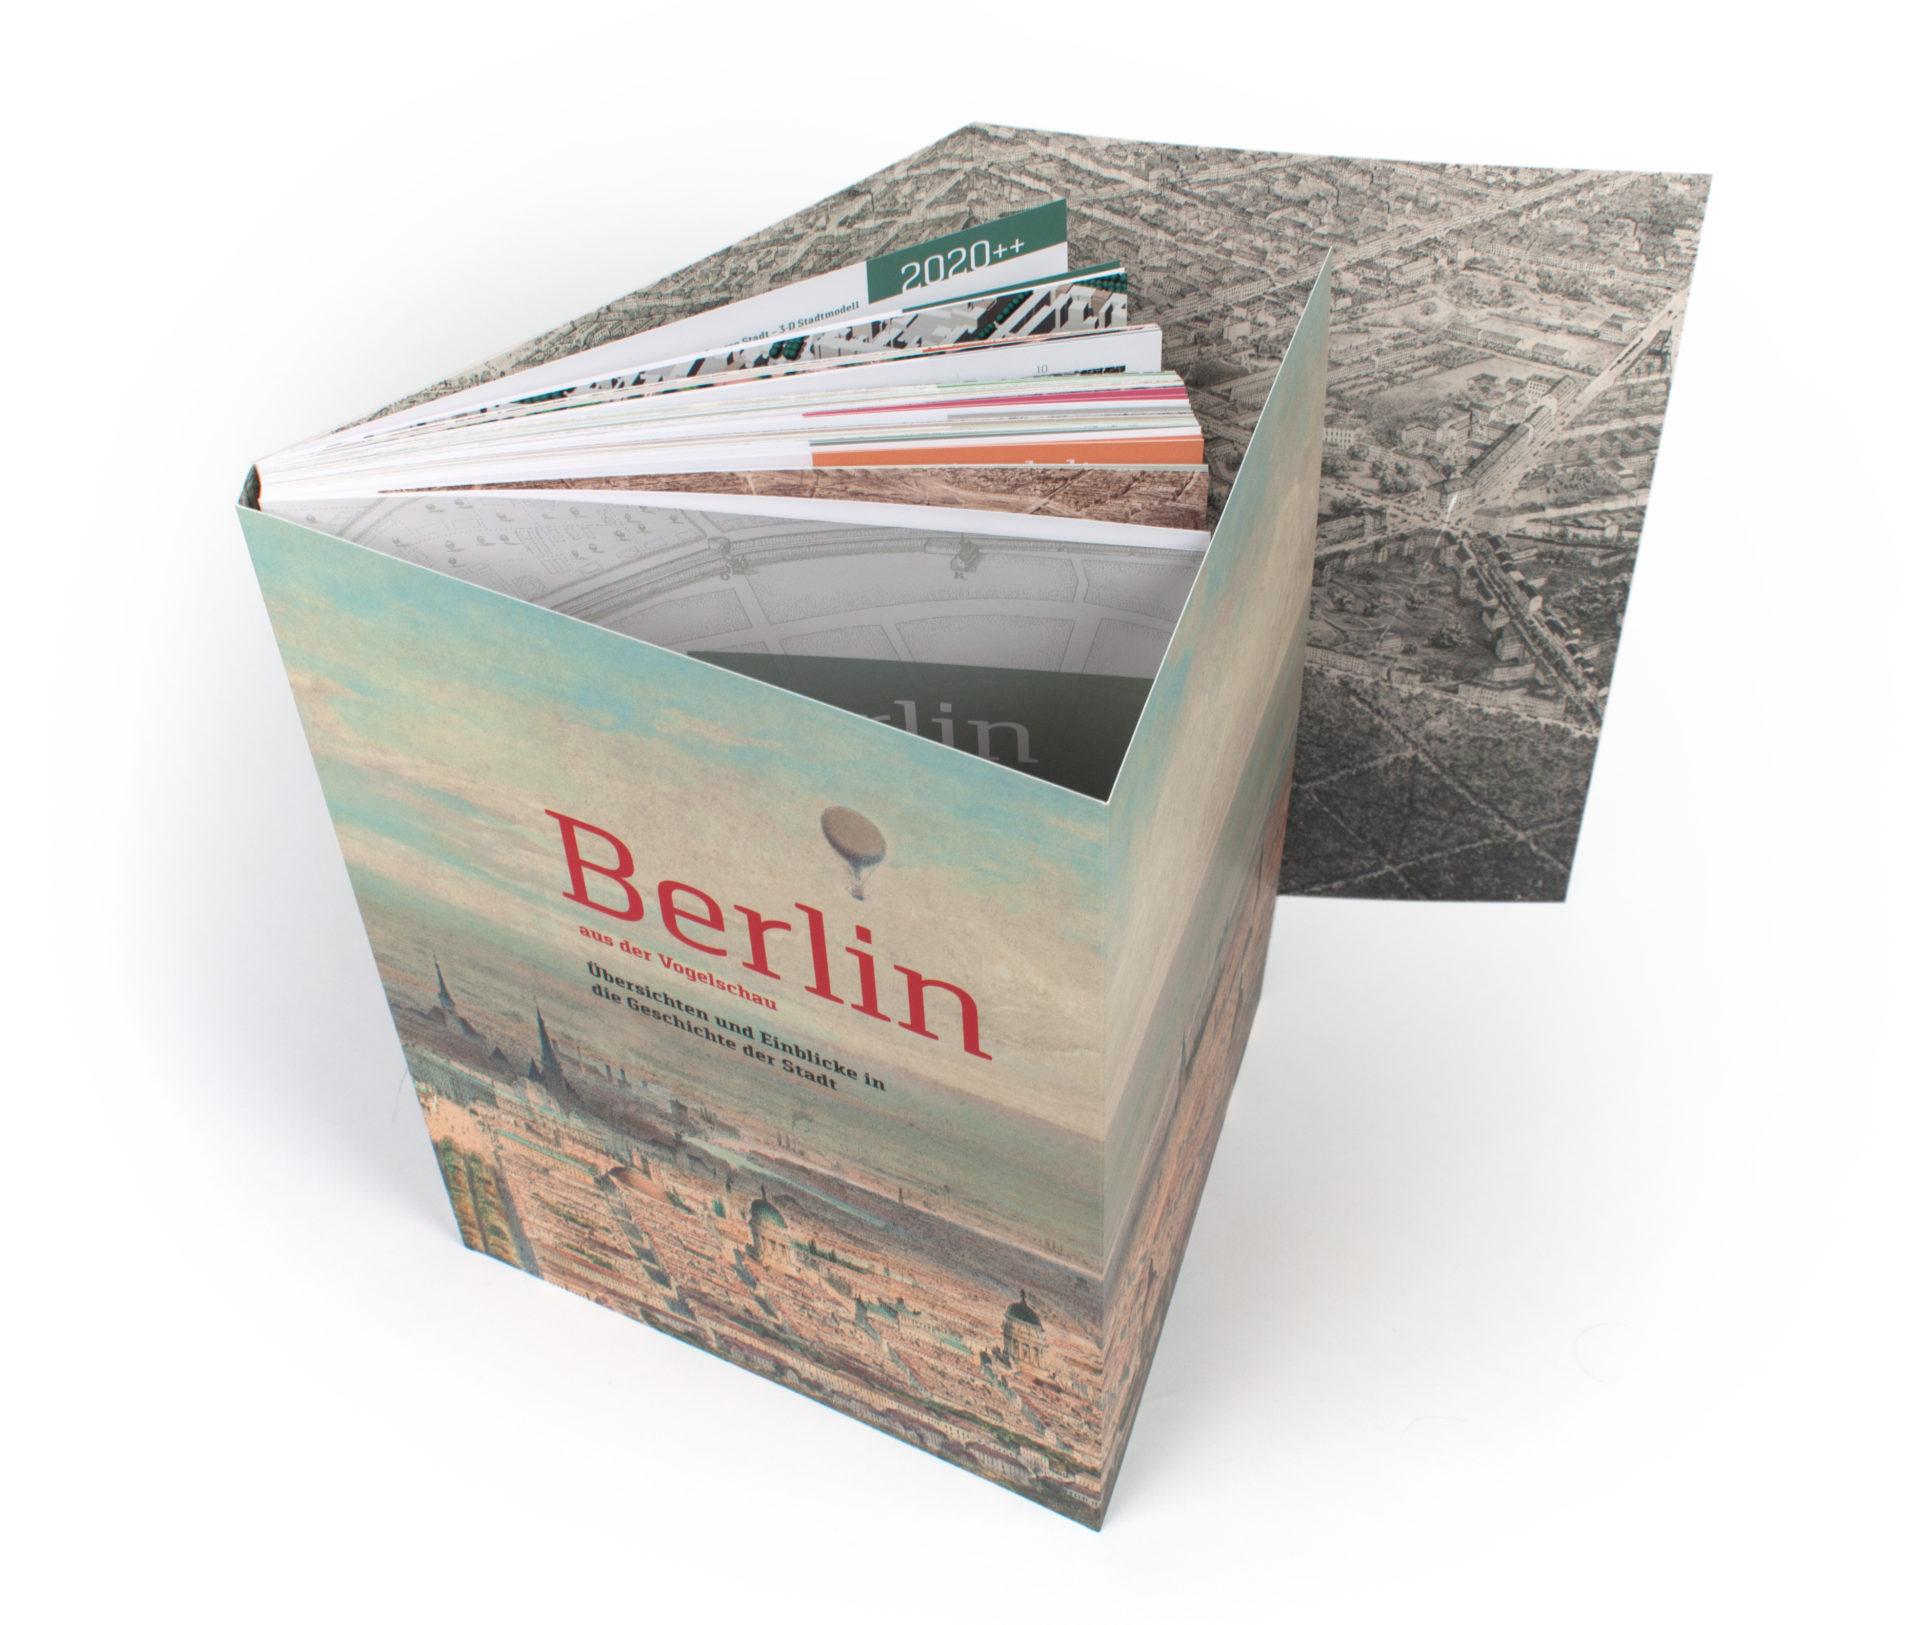 Buchgestaltung Cover Berlin aus der Vogelschau